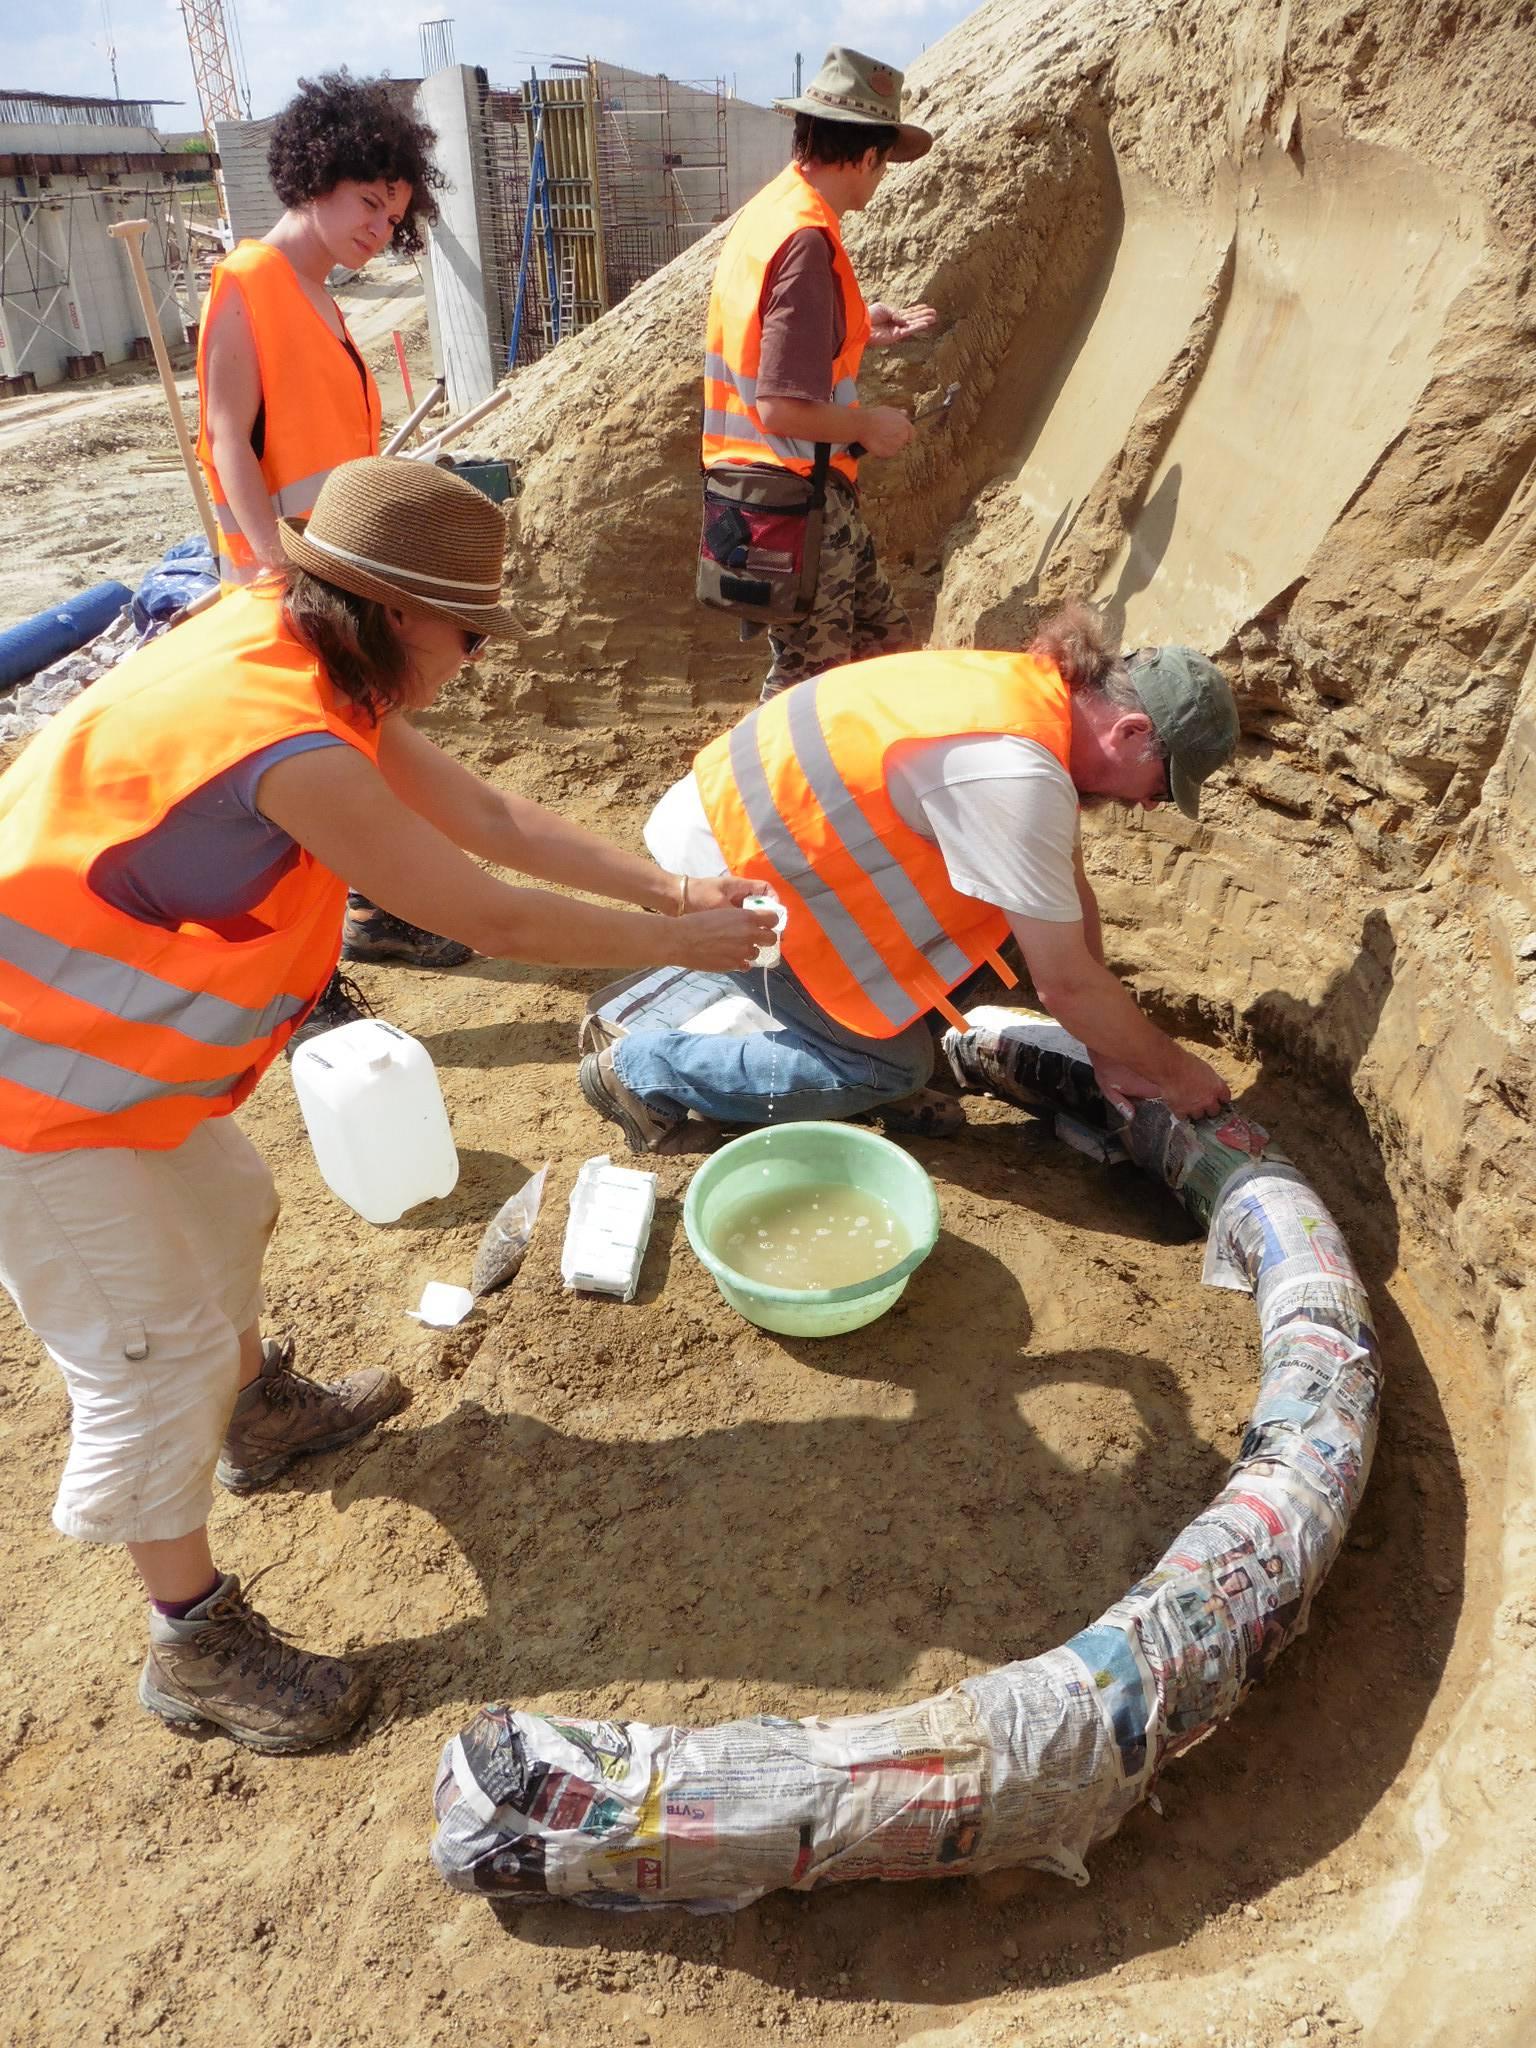 Hrvat u Beču: Iskopao sam kljove mamuta, vrlo su rijetke